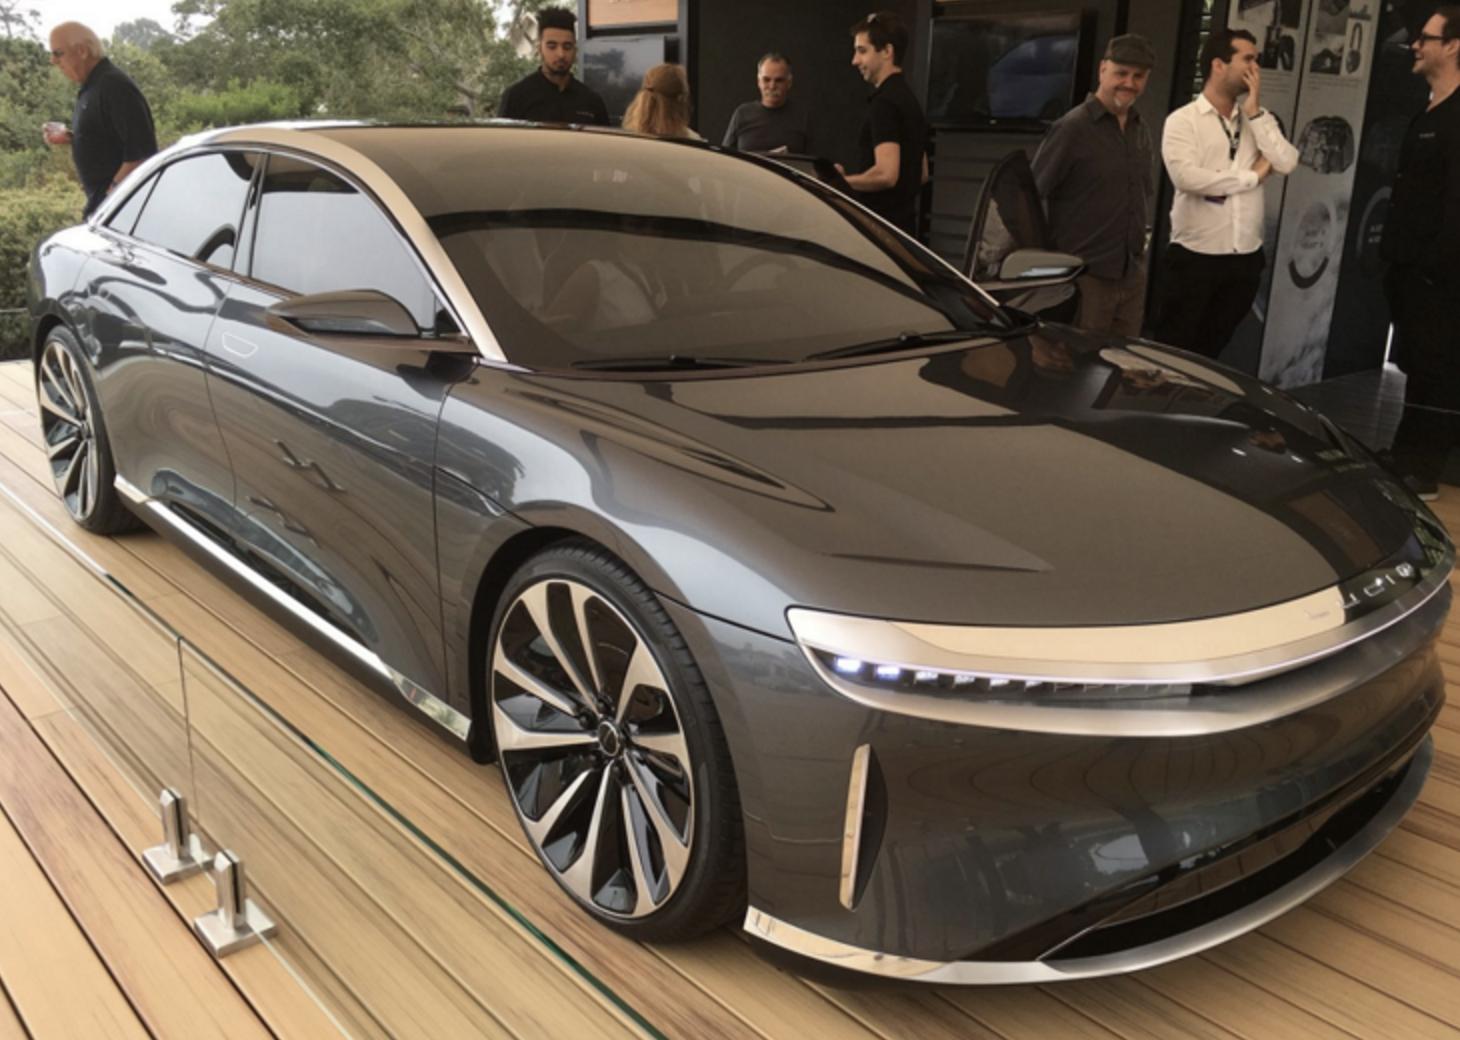 沙特基金投资美国电动汽车初创公司Lucid Motors 10亿美金